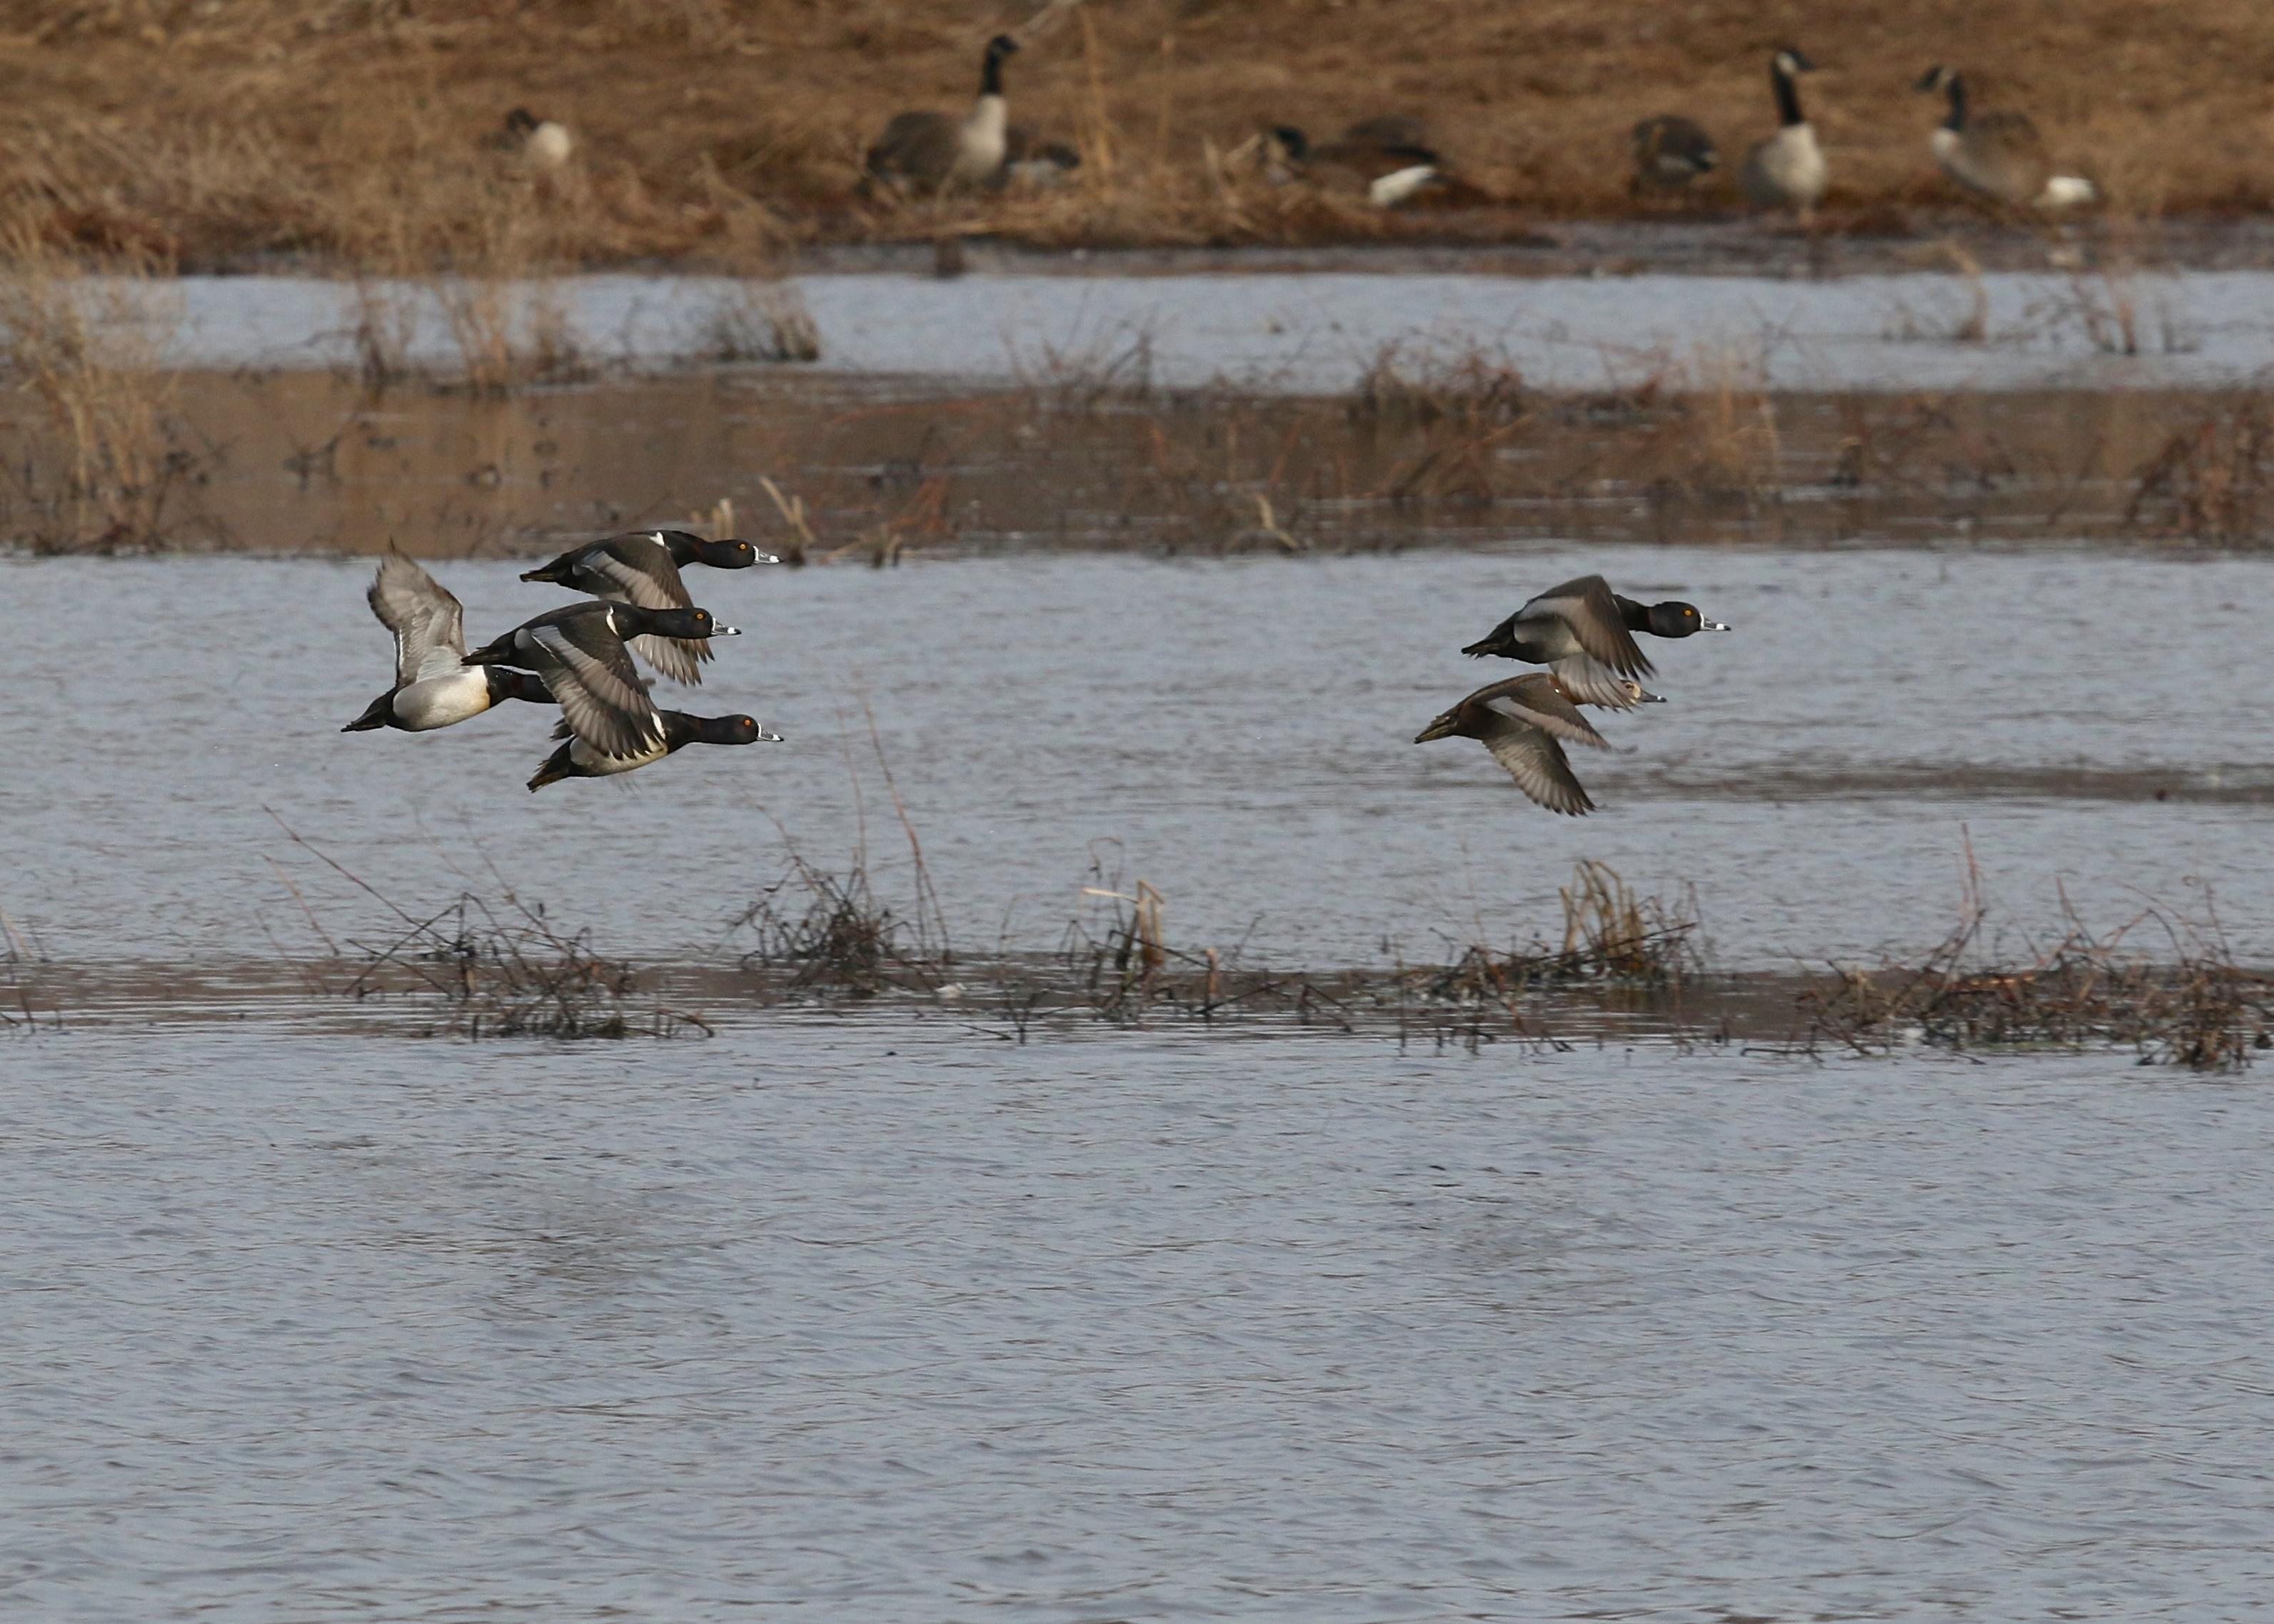 Ring-necked Ducks in flight at Wallkill River NWR, 3/27/14.